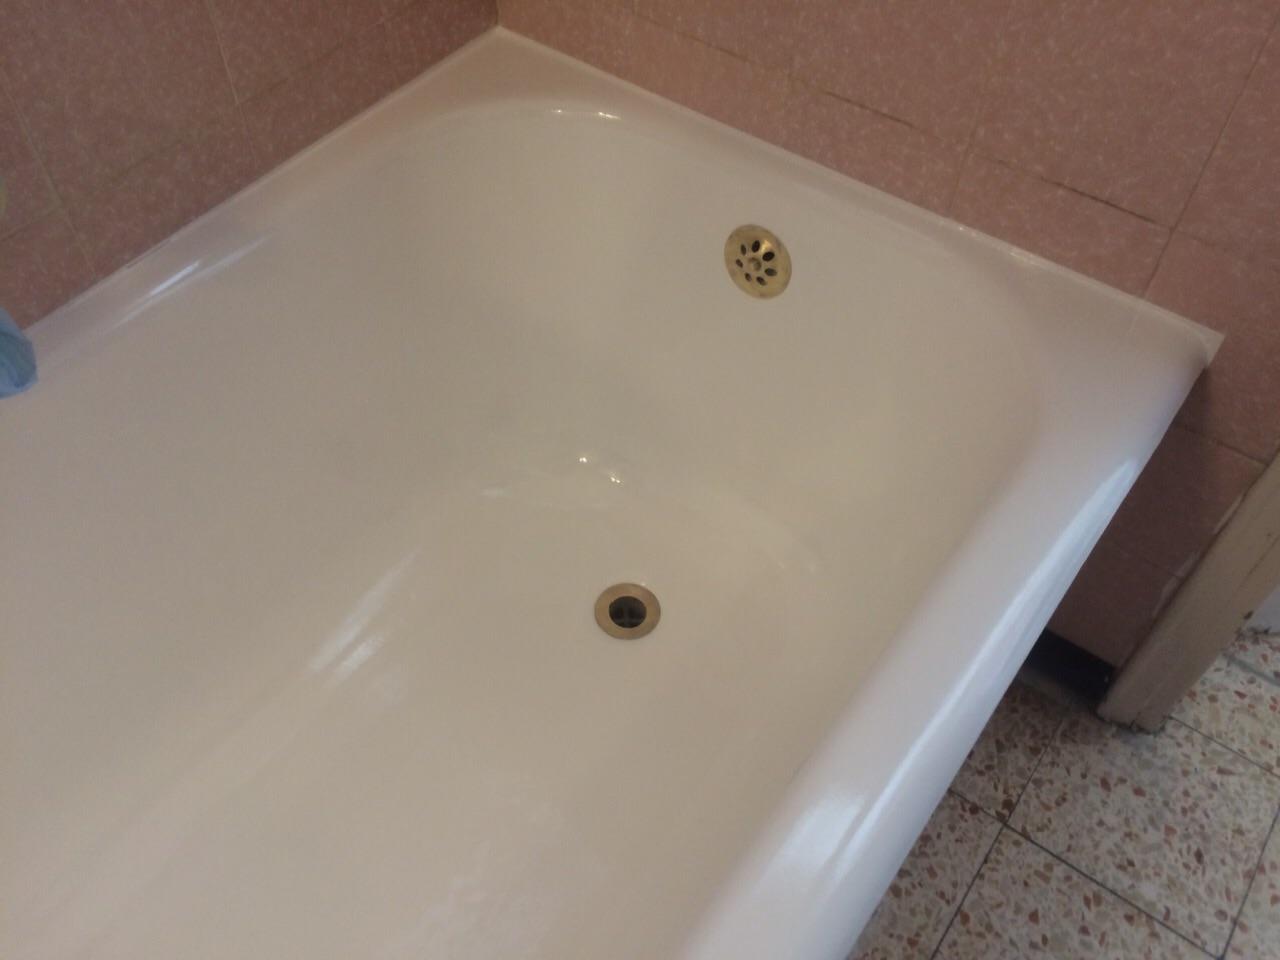 ציפוי אמבטיה בדירה בפתח תקווה